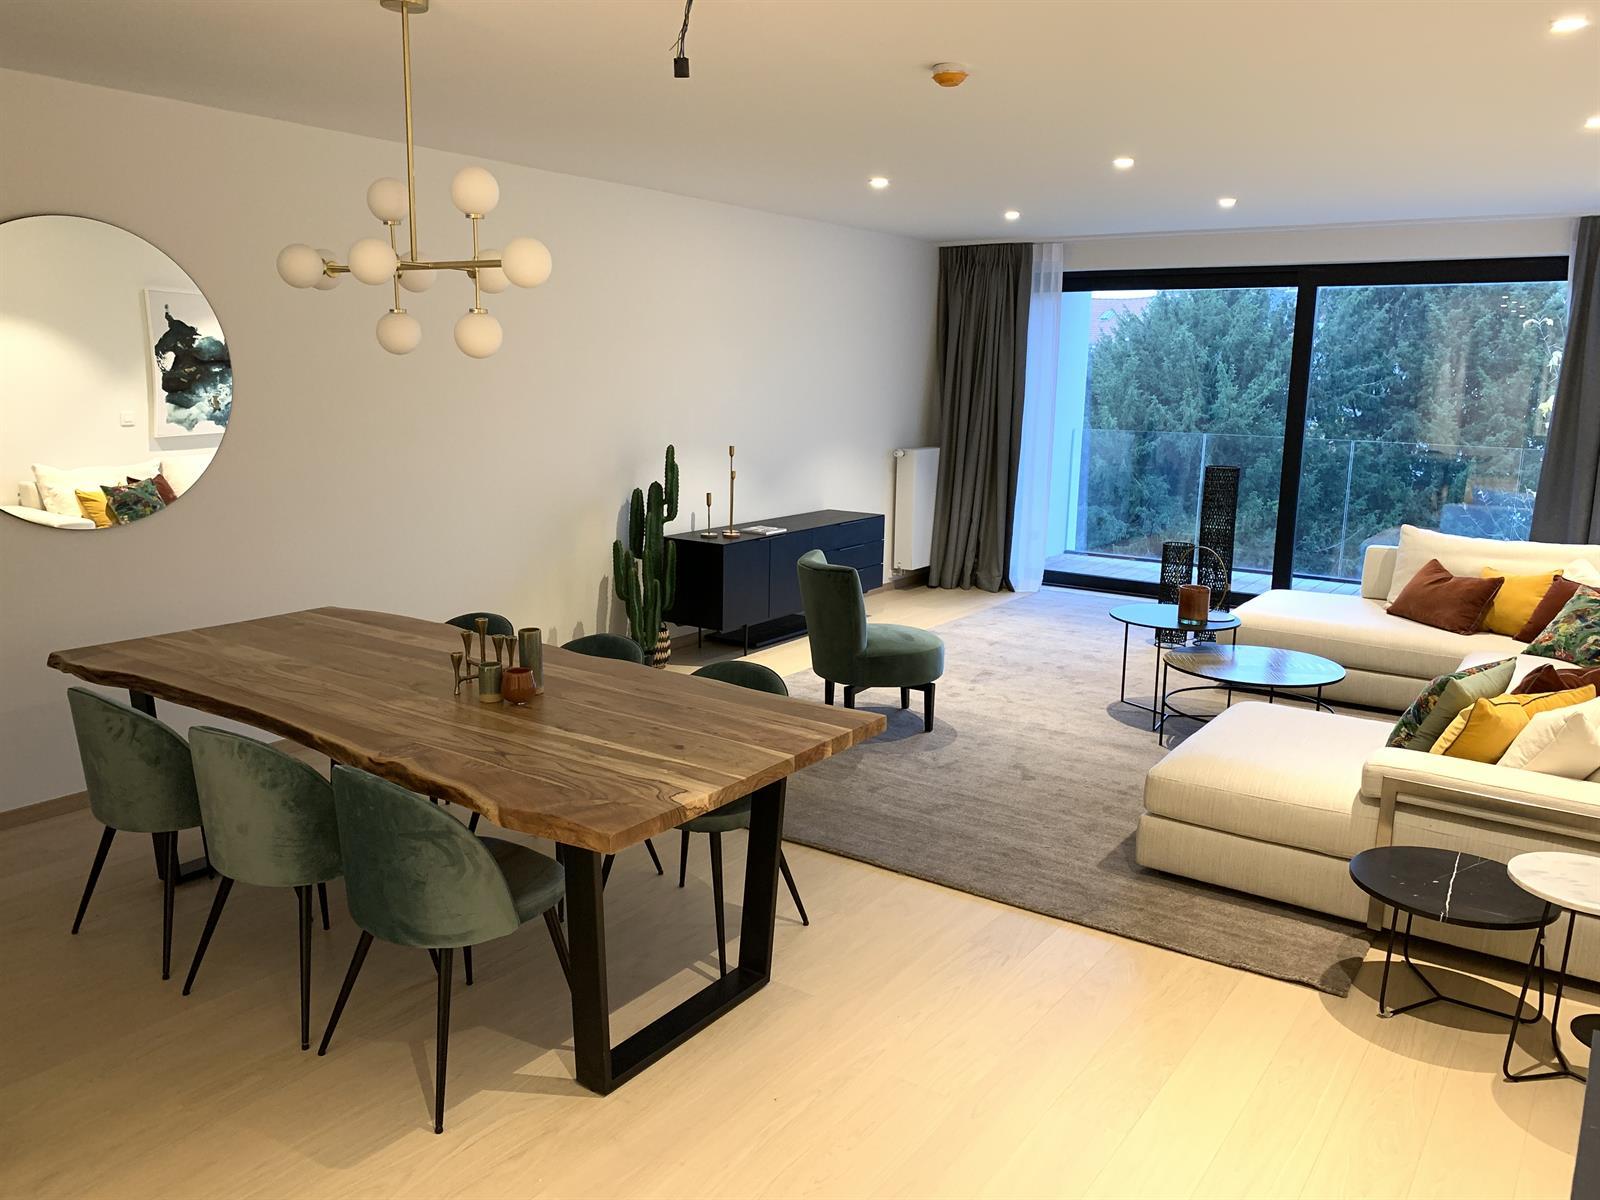 Appartement exceptionnel - Ixelles - #3929618-2